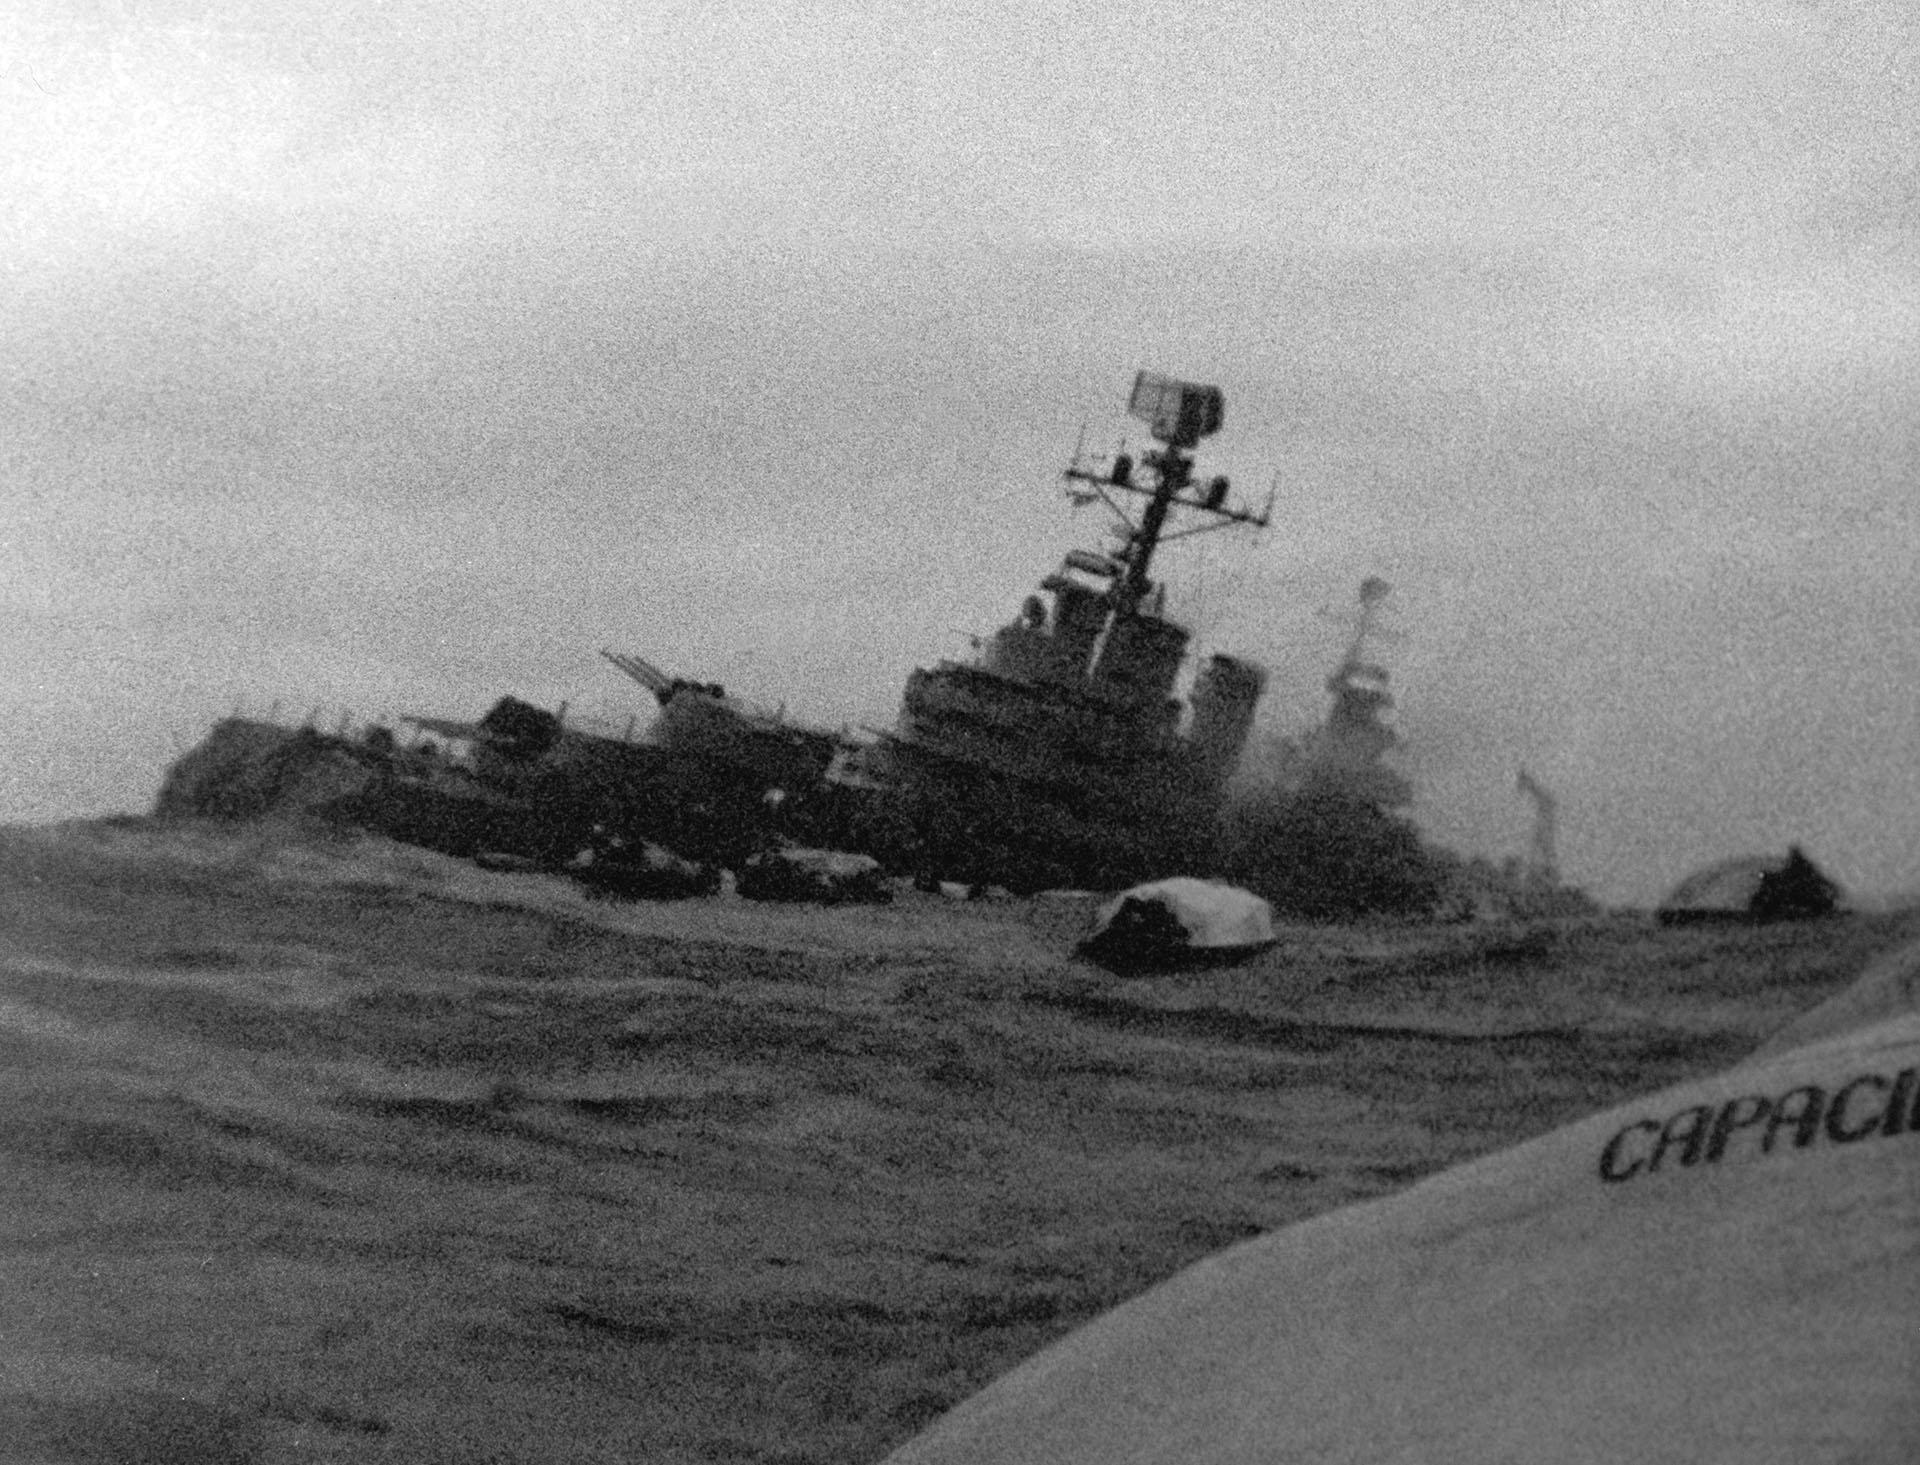 Domingo 2 de mayo de 1982, pasadas las 16. Dos estallidos sacuden al crucero General Belgrano. La mole herida por dos torpedos lanzados desde un submarino nuclear, comienza a escorar. En minutos se va a pique. Una cámara capta el momento. En aquellos primeros minutos, más de 300 hombres pierden la vida. El resto escapa en botes inflables. Son más de 700. Un hecho decisivo para el devenir del conflicto (Foto: archivo privado).